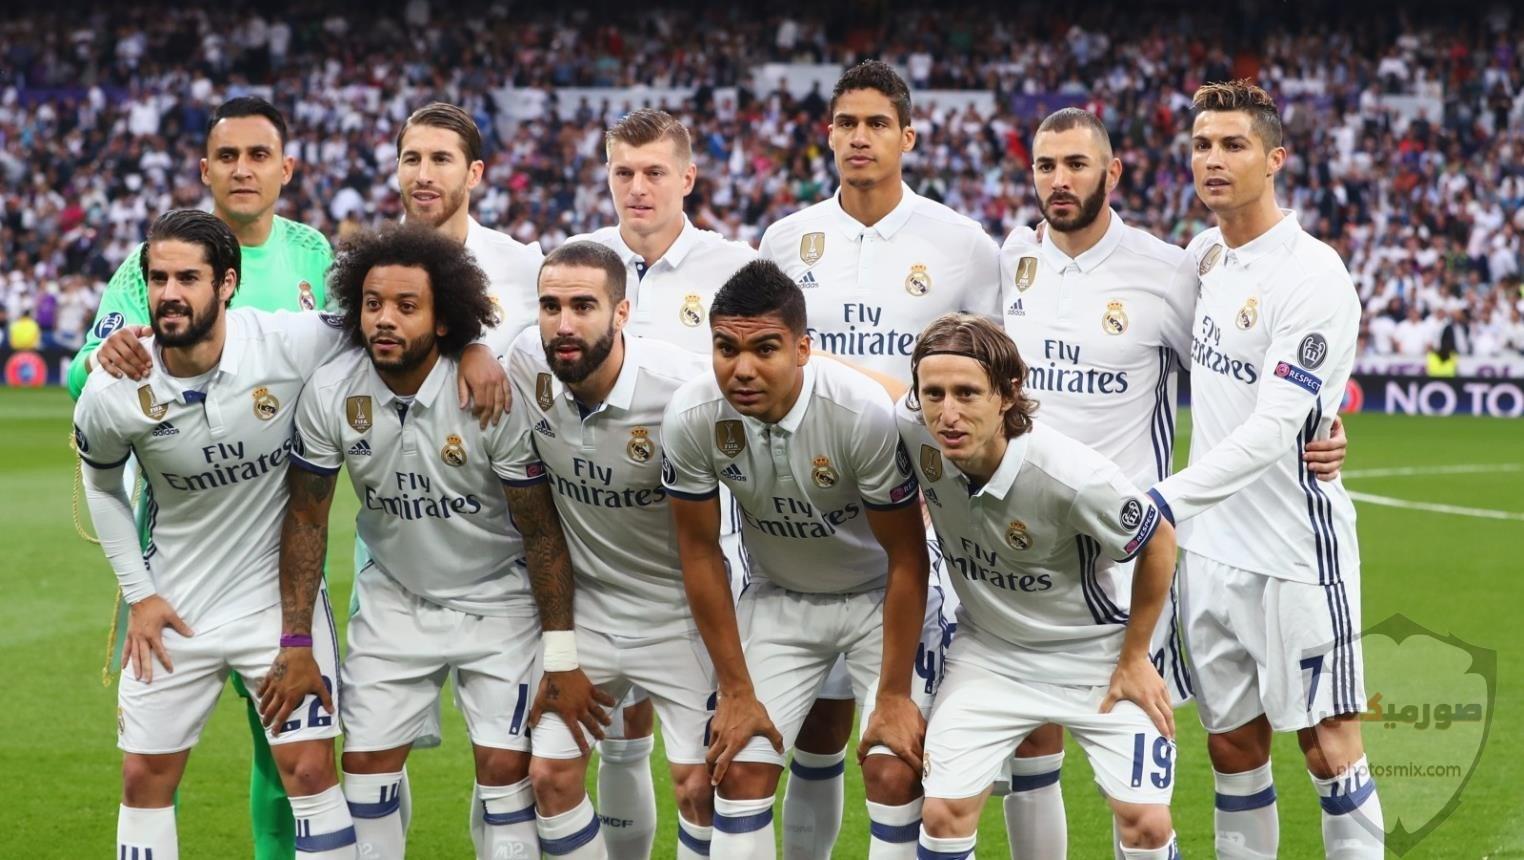 فريق ريال مدريد 21